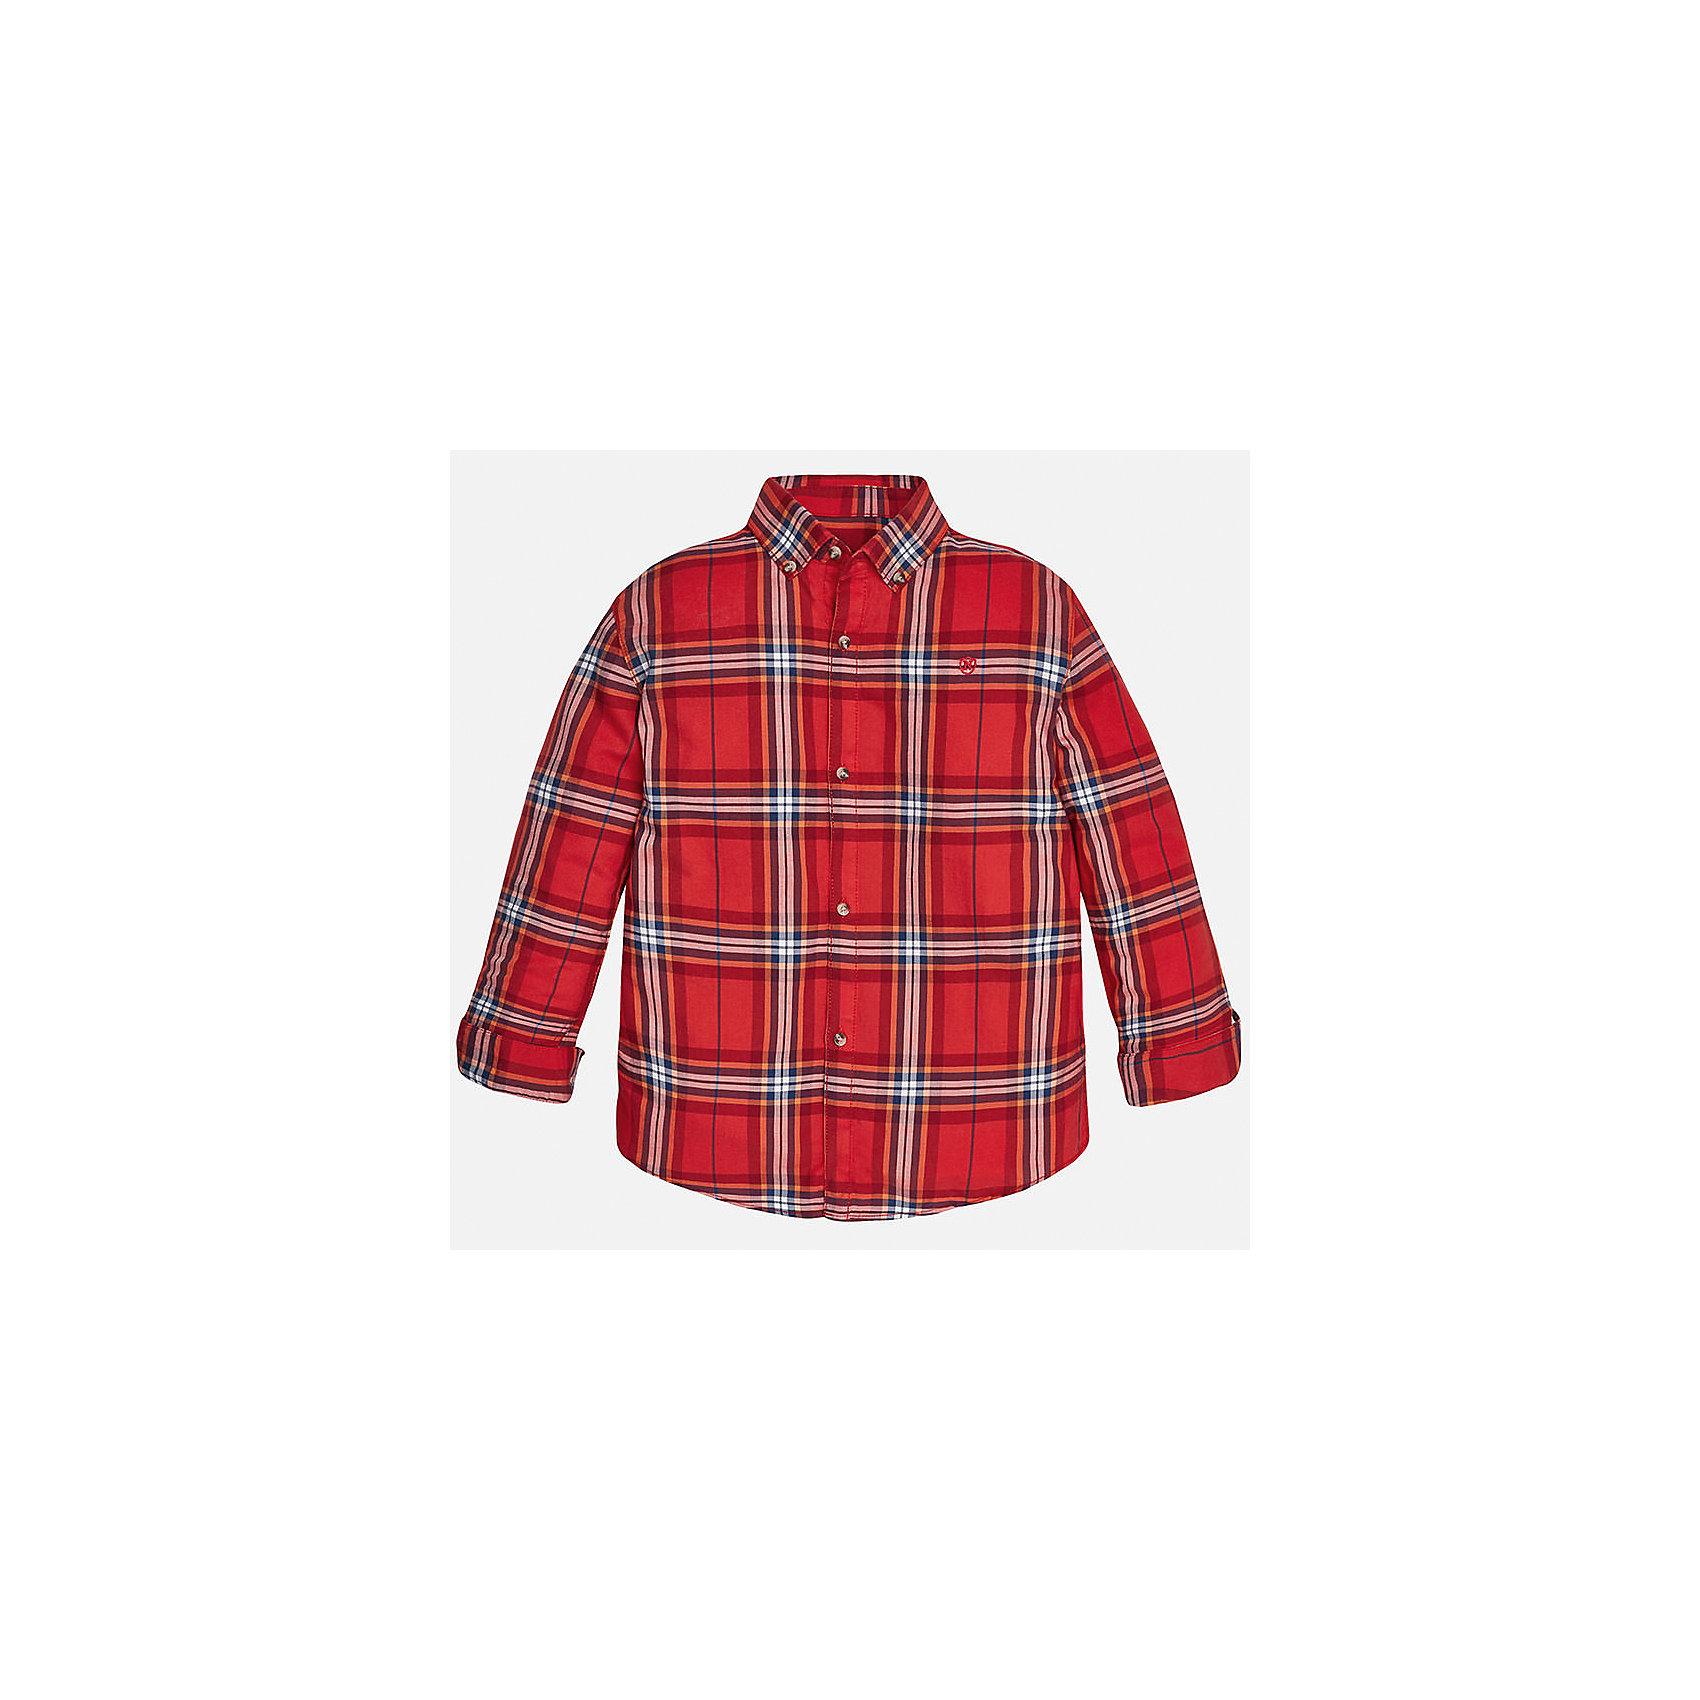 Рубашка для мальчика MayoralБлузки и рубашки<br>Рубашка для мальчика от популярного испанского бренда Mayoral(Майорал). Модель с длинным рукавом и прямым силуэтом, изготовлена из хлопка. Застегивается на пуговицы спереди. Клетчатая рубашка прекрасно сочетается с джинсами.<br><br>Дополнительная информация:<br>Состав: 100% хлопок<br>Цвет: красный<br>Вы можете купить рубашку Mayoral(Майорал) в нашем интернет-магазине.<br><br>Ширина мм: 174<br>Глубина мм: 10<br>Высота мм: 169<br>Вес г: 157<br>Цвет: коричневый<br>Возраст от месяцев: 144<br>Возраст до месяцев: 156<br>Пол: Мужской<br>Возраст: Детский<br>Размер: 152/158,146/152,140/146,128/134,164/170,158/164<br>SKU: 4826884